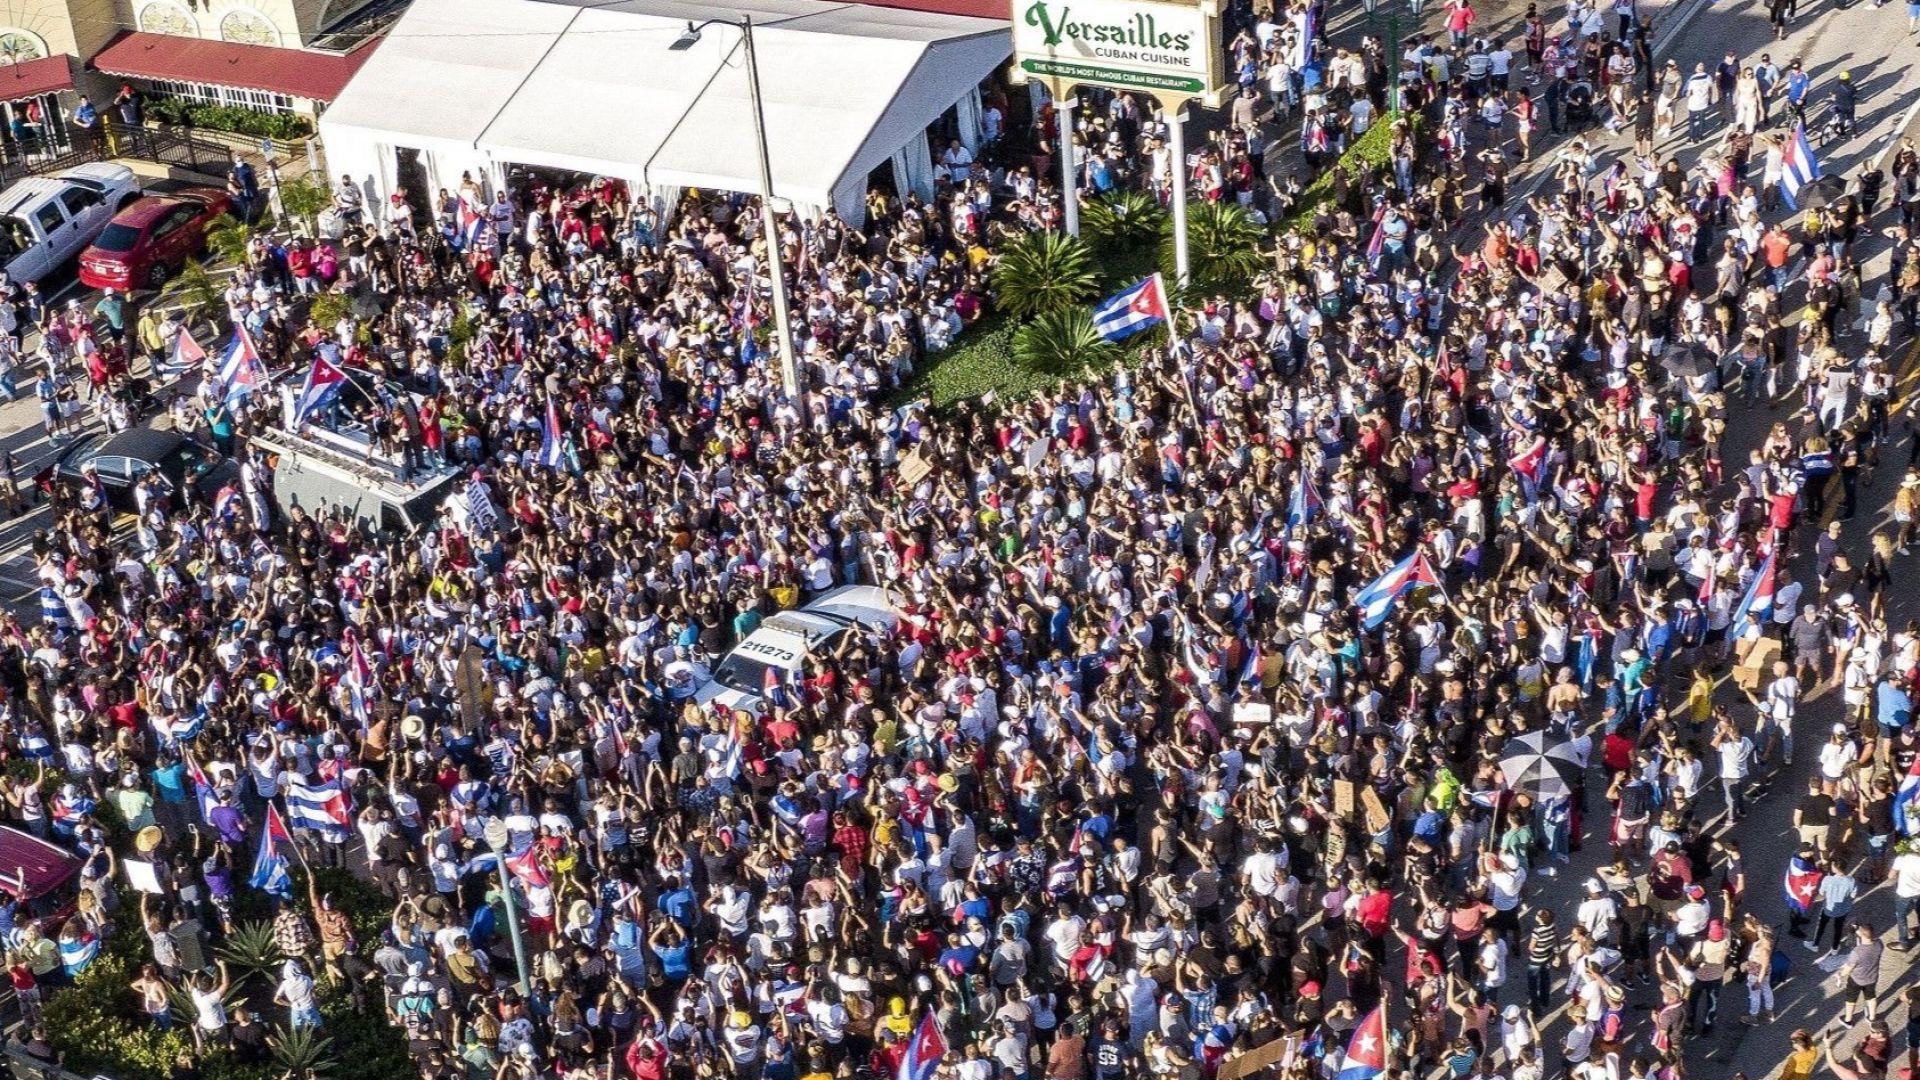 Подкрепа за кубинците и в Малката Хавана - в Маями - множество от хора пред ресторант Версайл